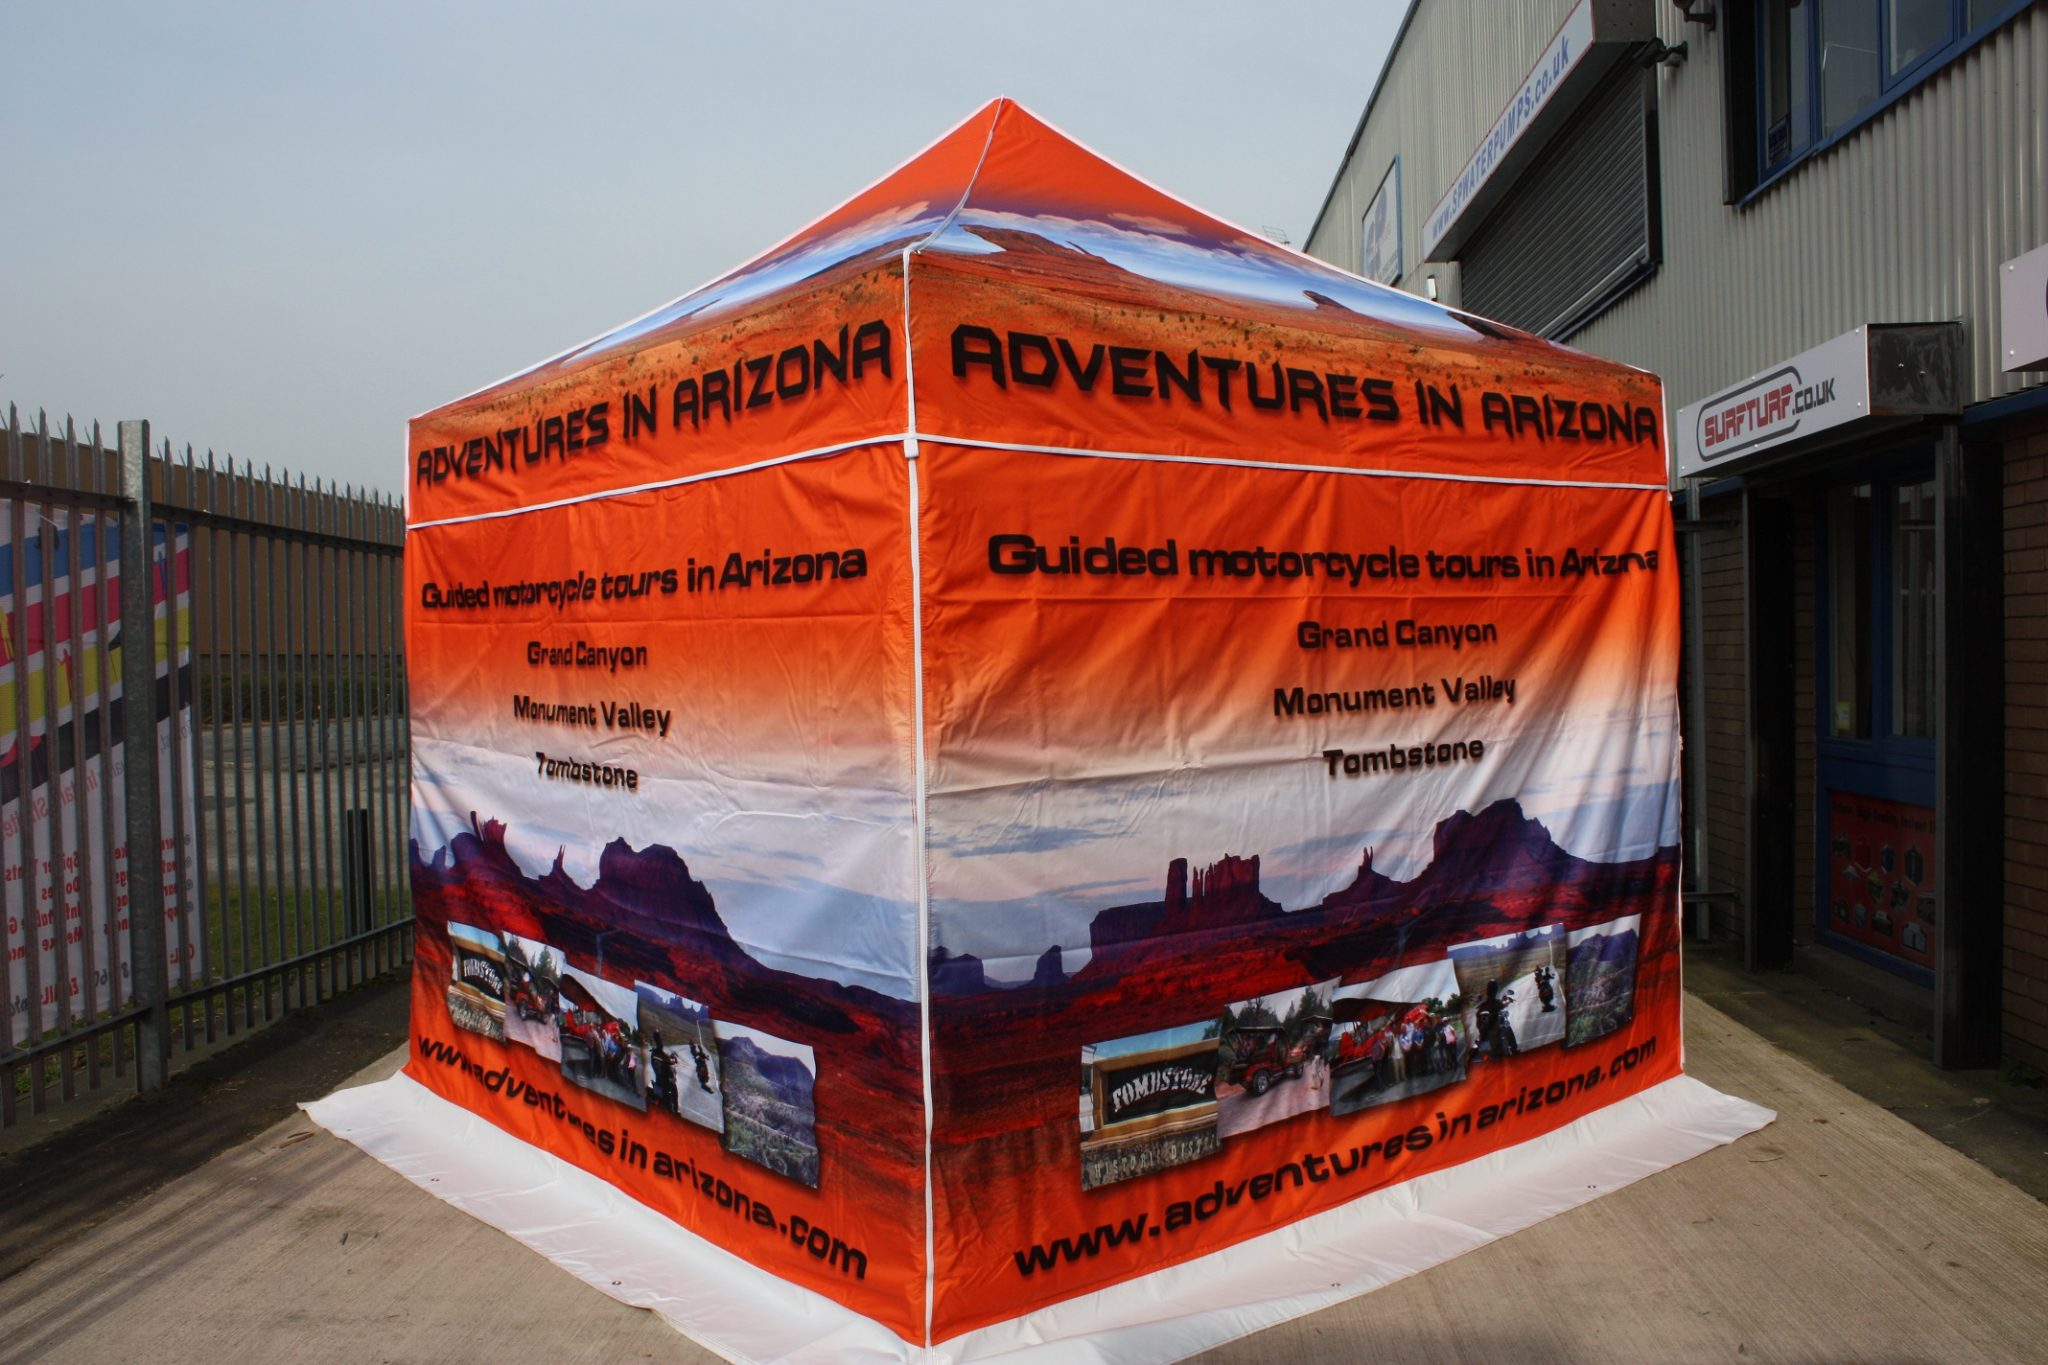 2896, 2896, Custom branded - Adventures in Arizona, Adventures-in-Arizona.jpg, 847260, https://surfturf.co.uk/wp-content/uploads/2018/11/Adventures-in-Arizona.jpg, https://surfturf.co.uk/custom-branding/adventures-in-arizona/, Custom branded - Adventures in Arizona, 3, Custom branded - Adventures in Arizona, Custom branded - Adventures in Arizona, adventures-in-arizona, inherit, 333, 2018-11-20 10:16:45, 2019-08-19 14:33:53, 0, image/jpeg, image, jpeg, https://surfturf.co.uk/wp-includes/images/media/default.png, 2136, 1424, Array